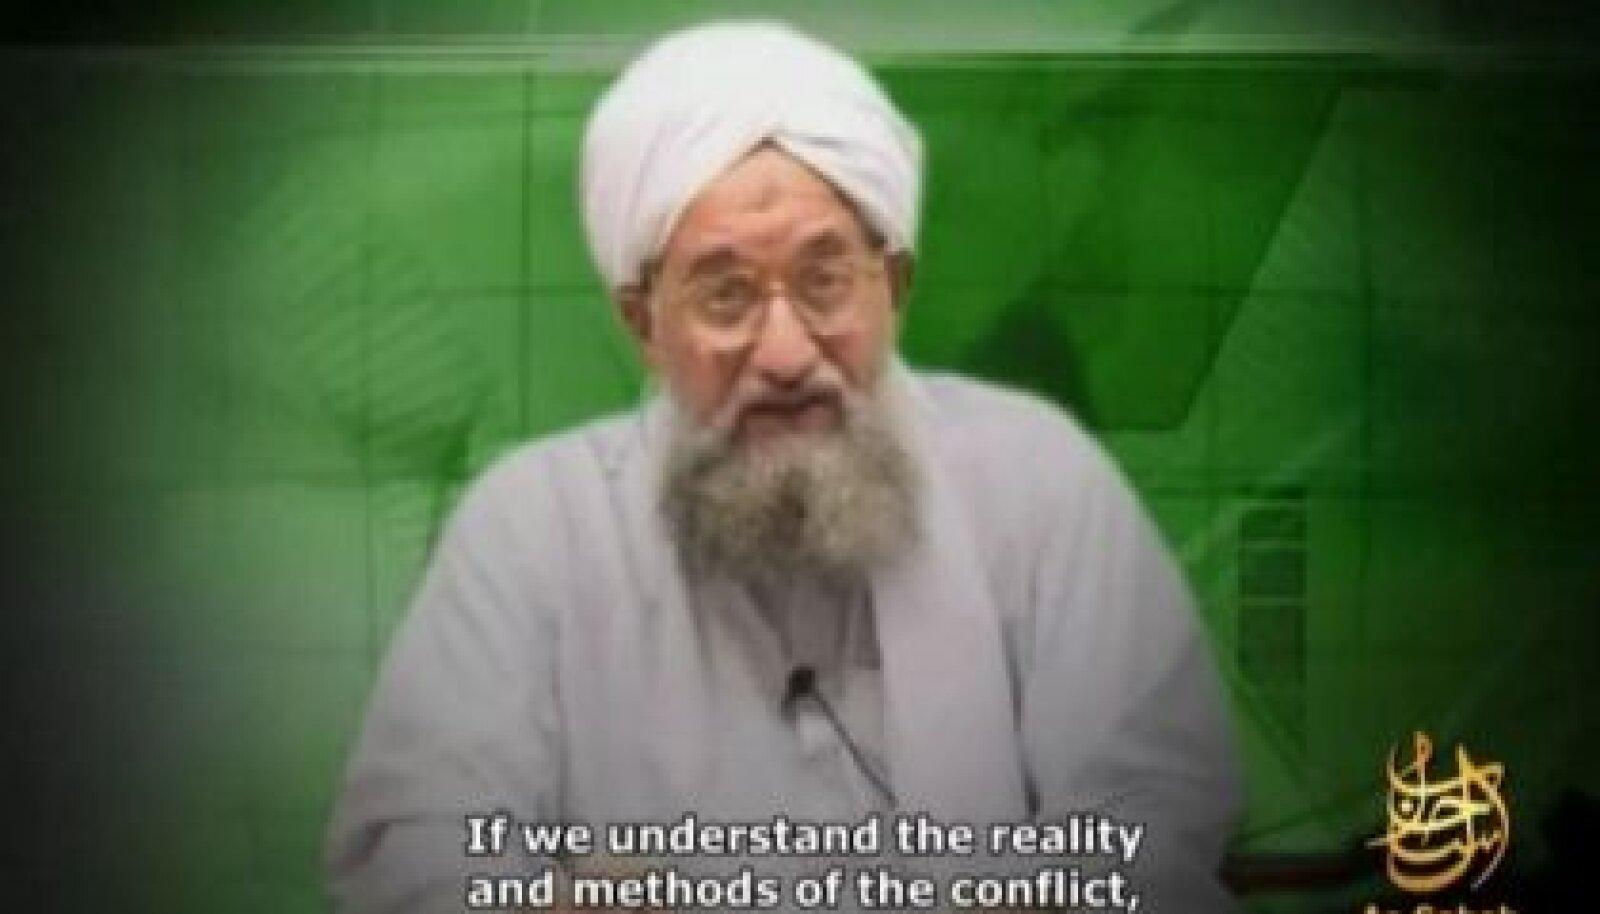 Al-Qaida teine mees Ayman al-Zawahiri